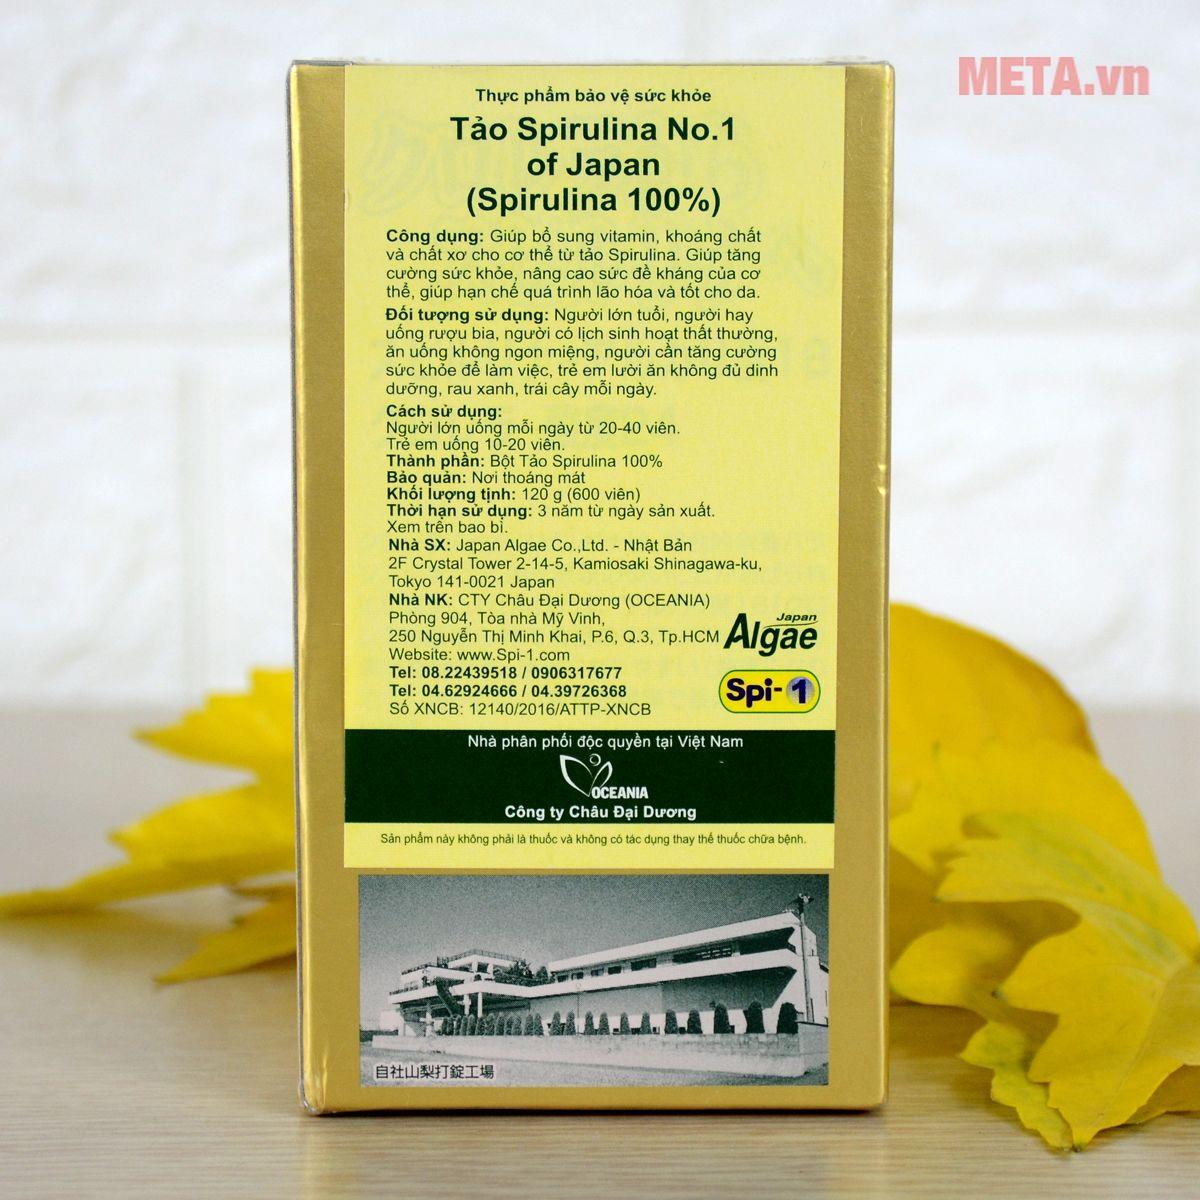 Hướng dẫn sử dụng tảo Spirulina